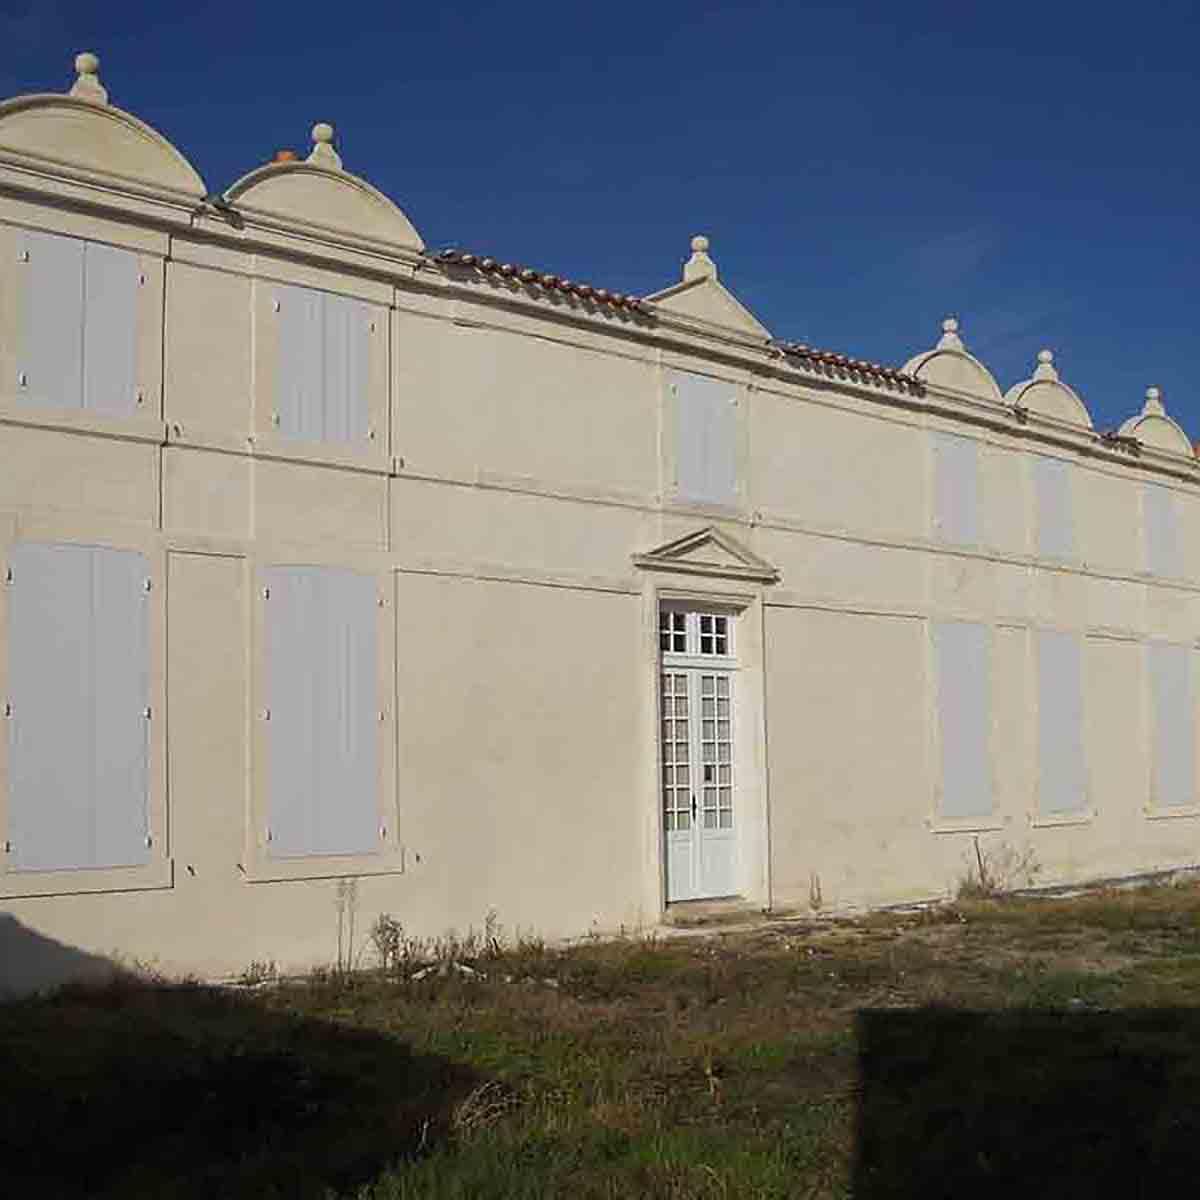 Enduits extérieurs réalisés par l'entreprise François Cellier, spécialiste de la rénovation du bâti ancien